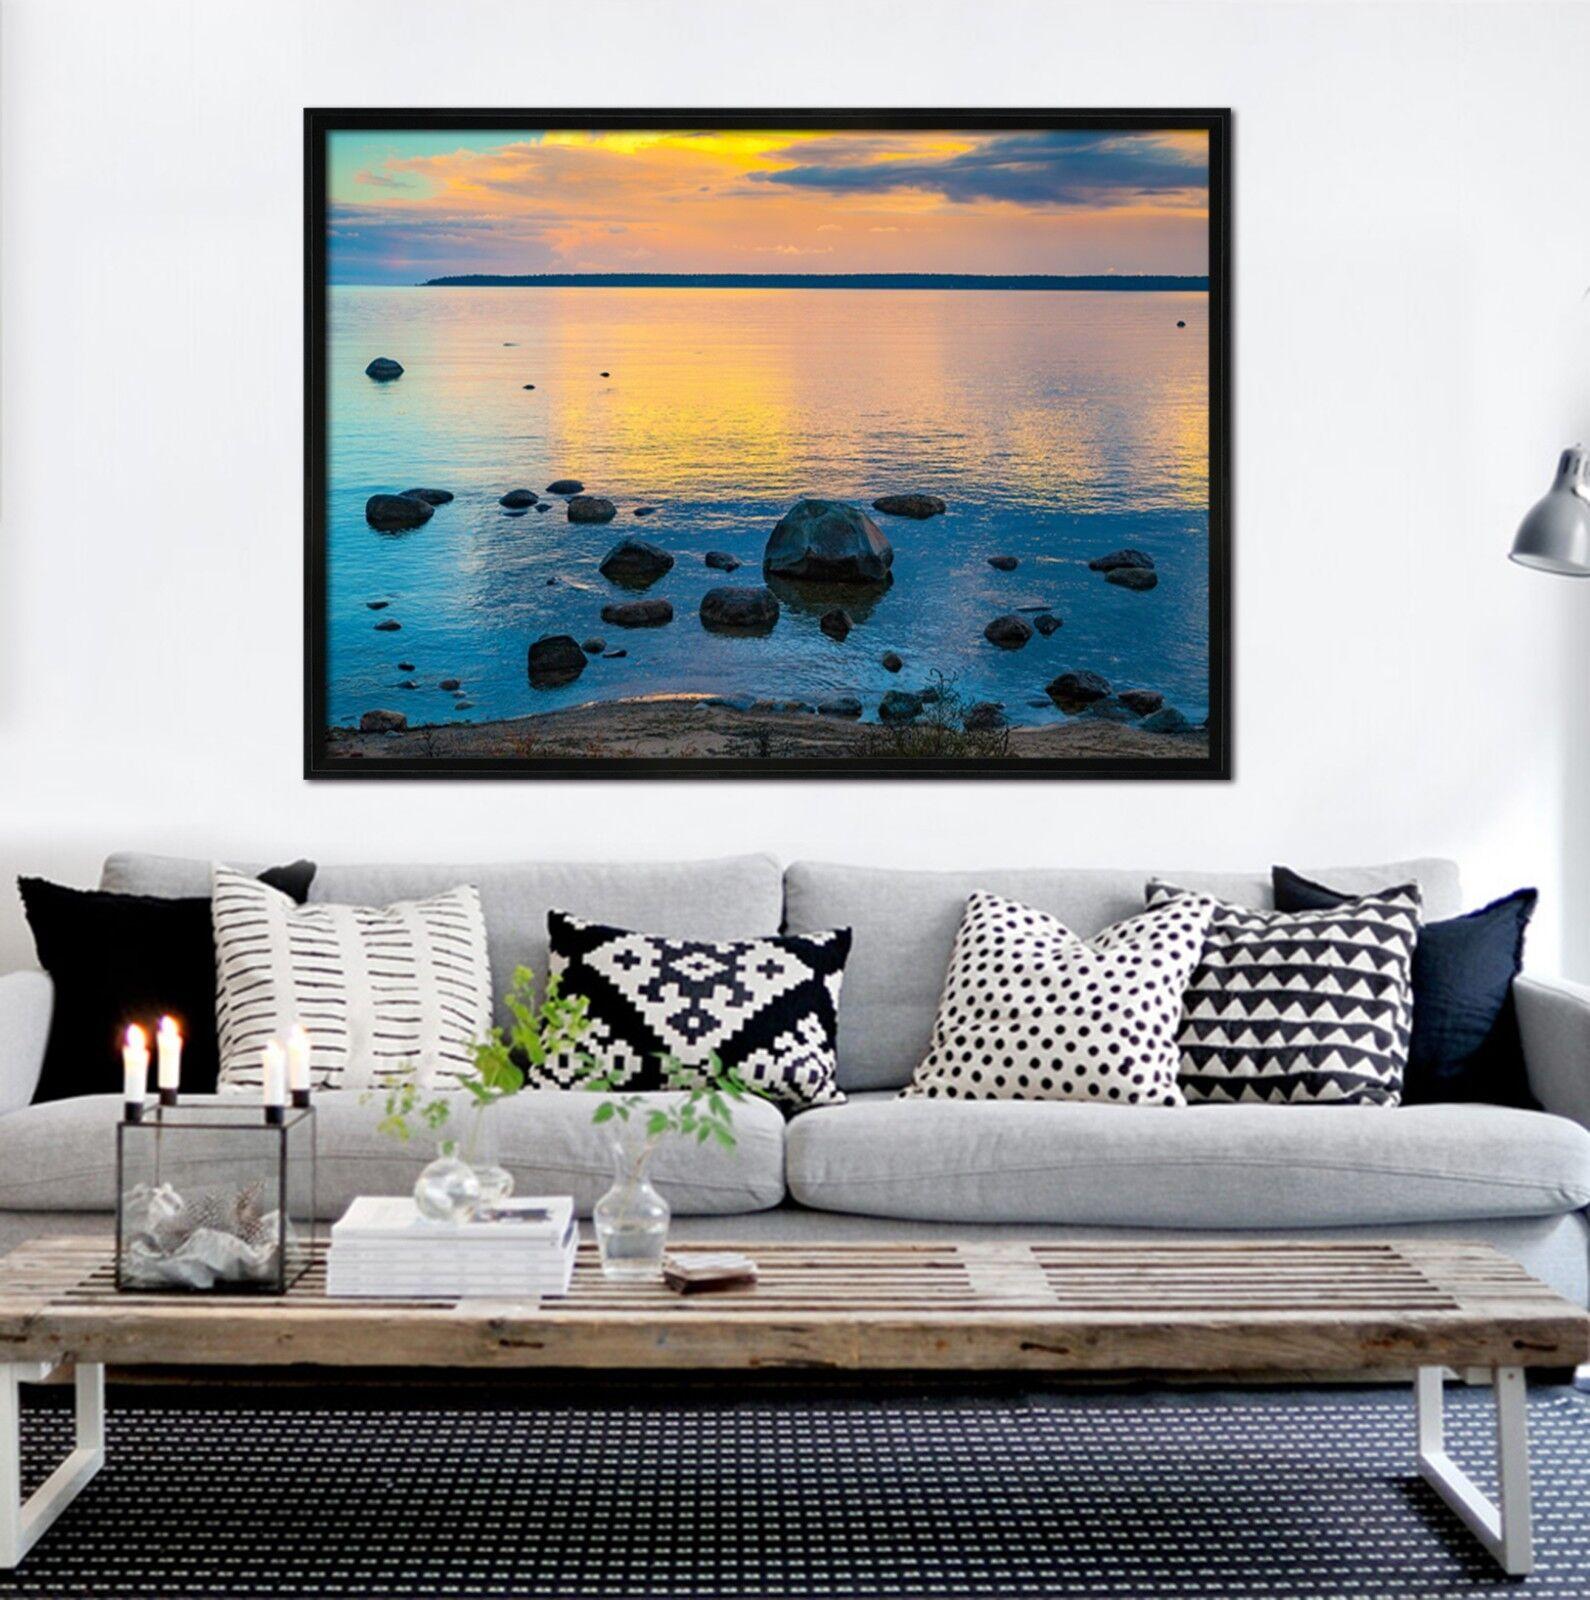 3D Sunset Sea View 2 Framed Poster Home Decor Drucken Painting Kunst AJ WandPapier